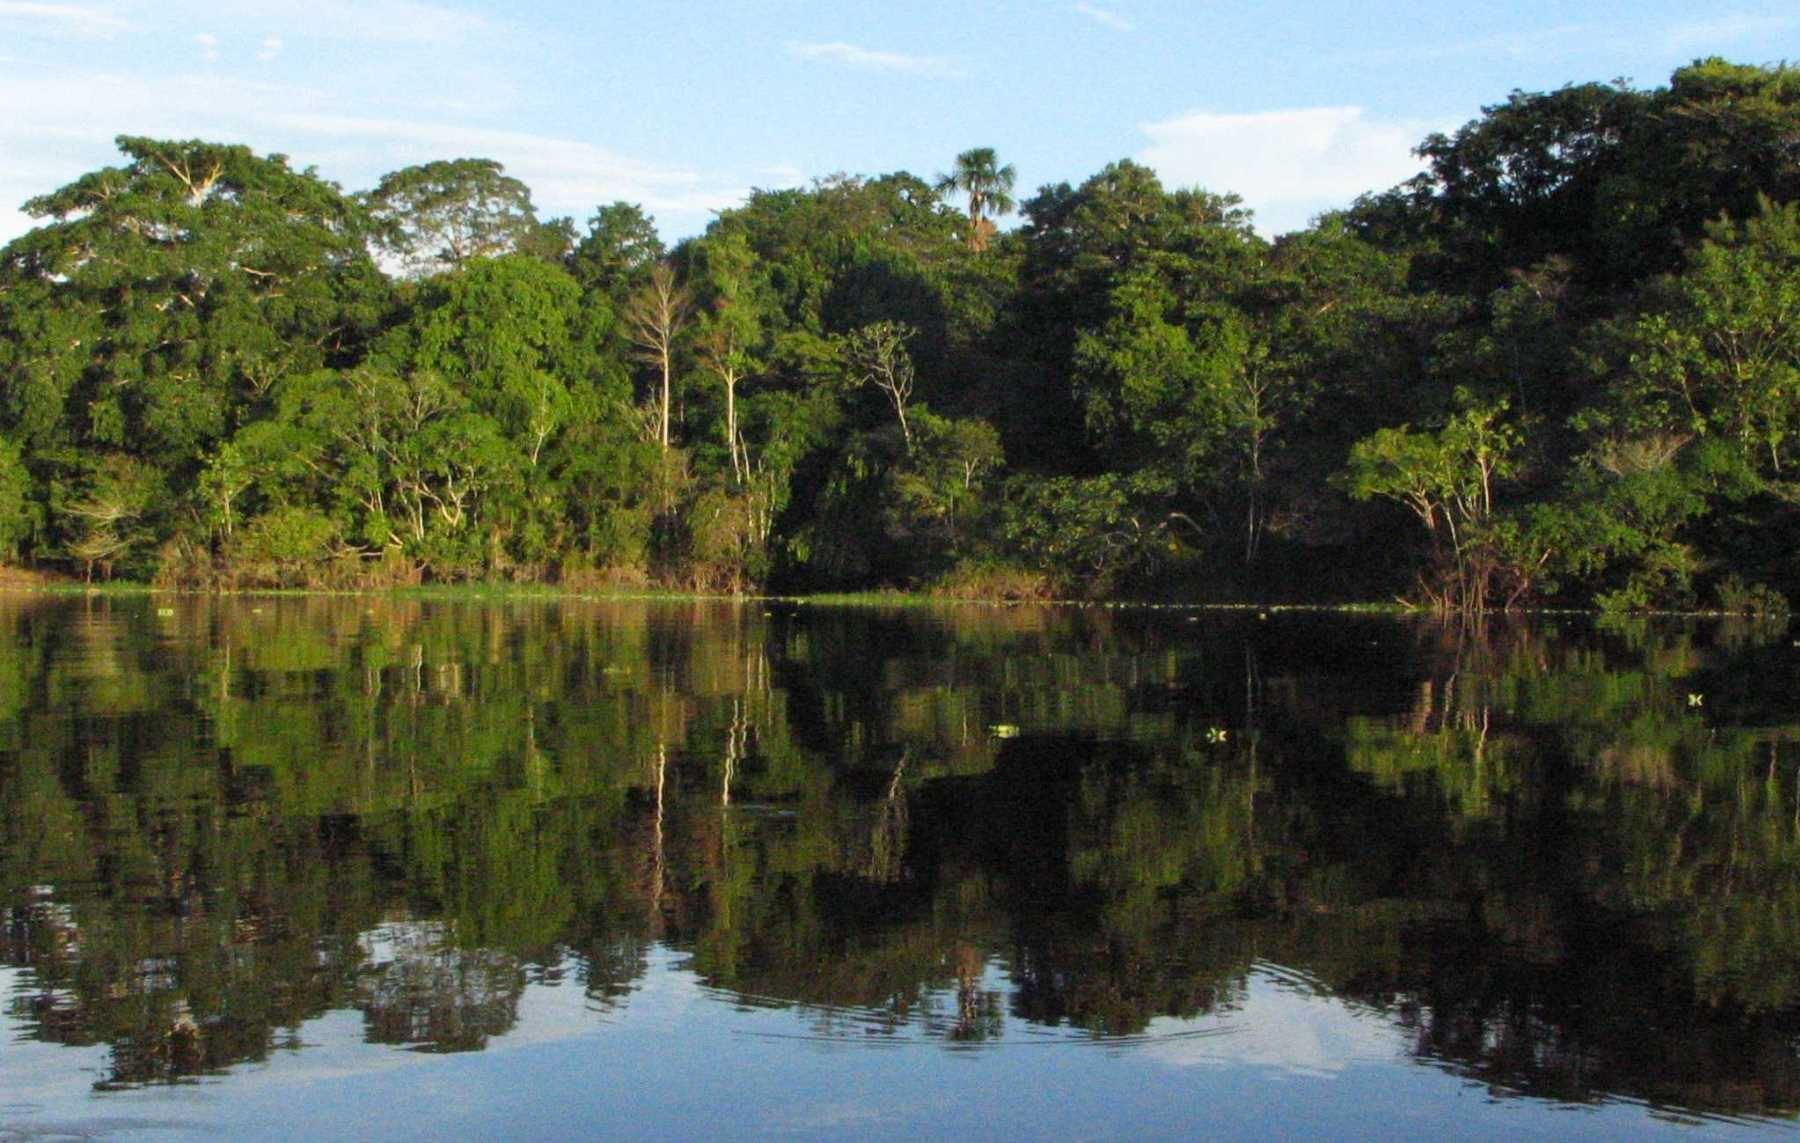 La gran pregunta: ¿El Plan Maestro de la reserva Pacaya Samiria 2016-2020 se ha consultado con comunidades kukama?